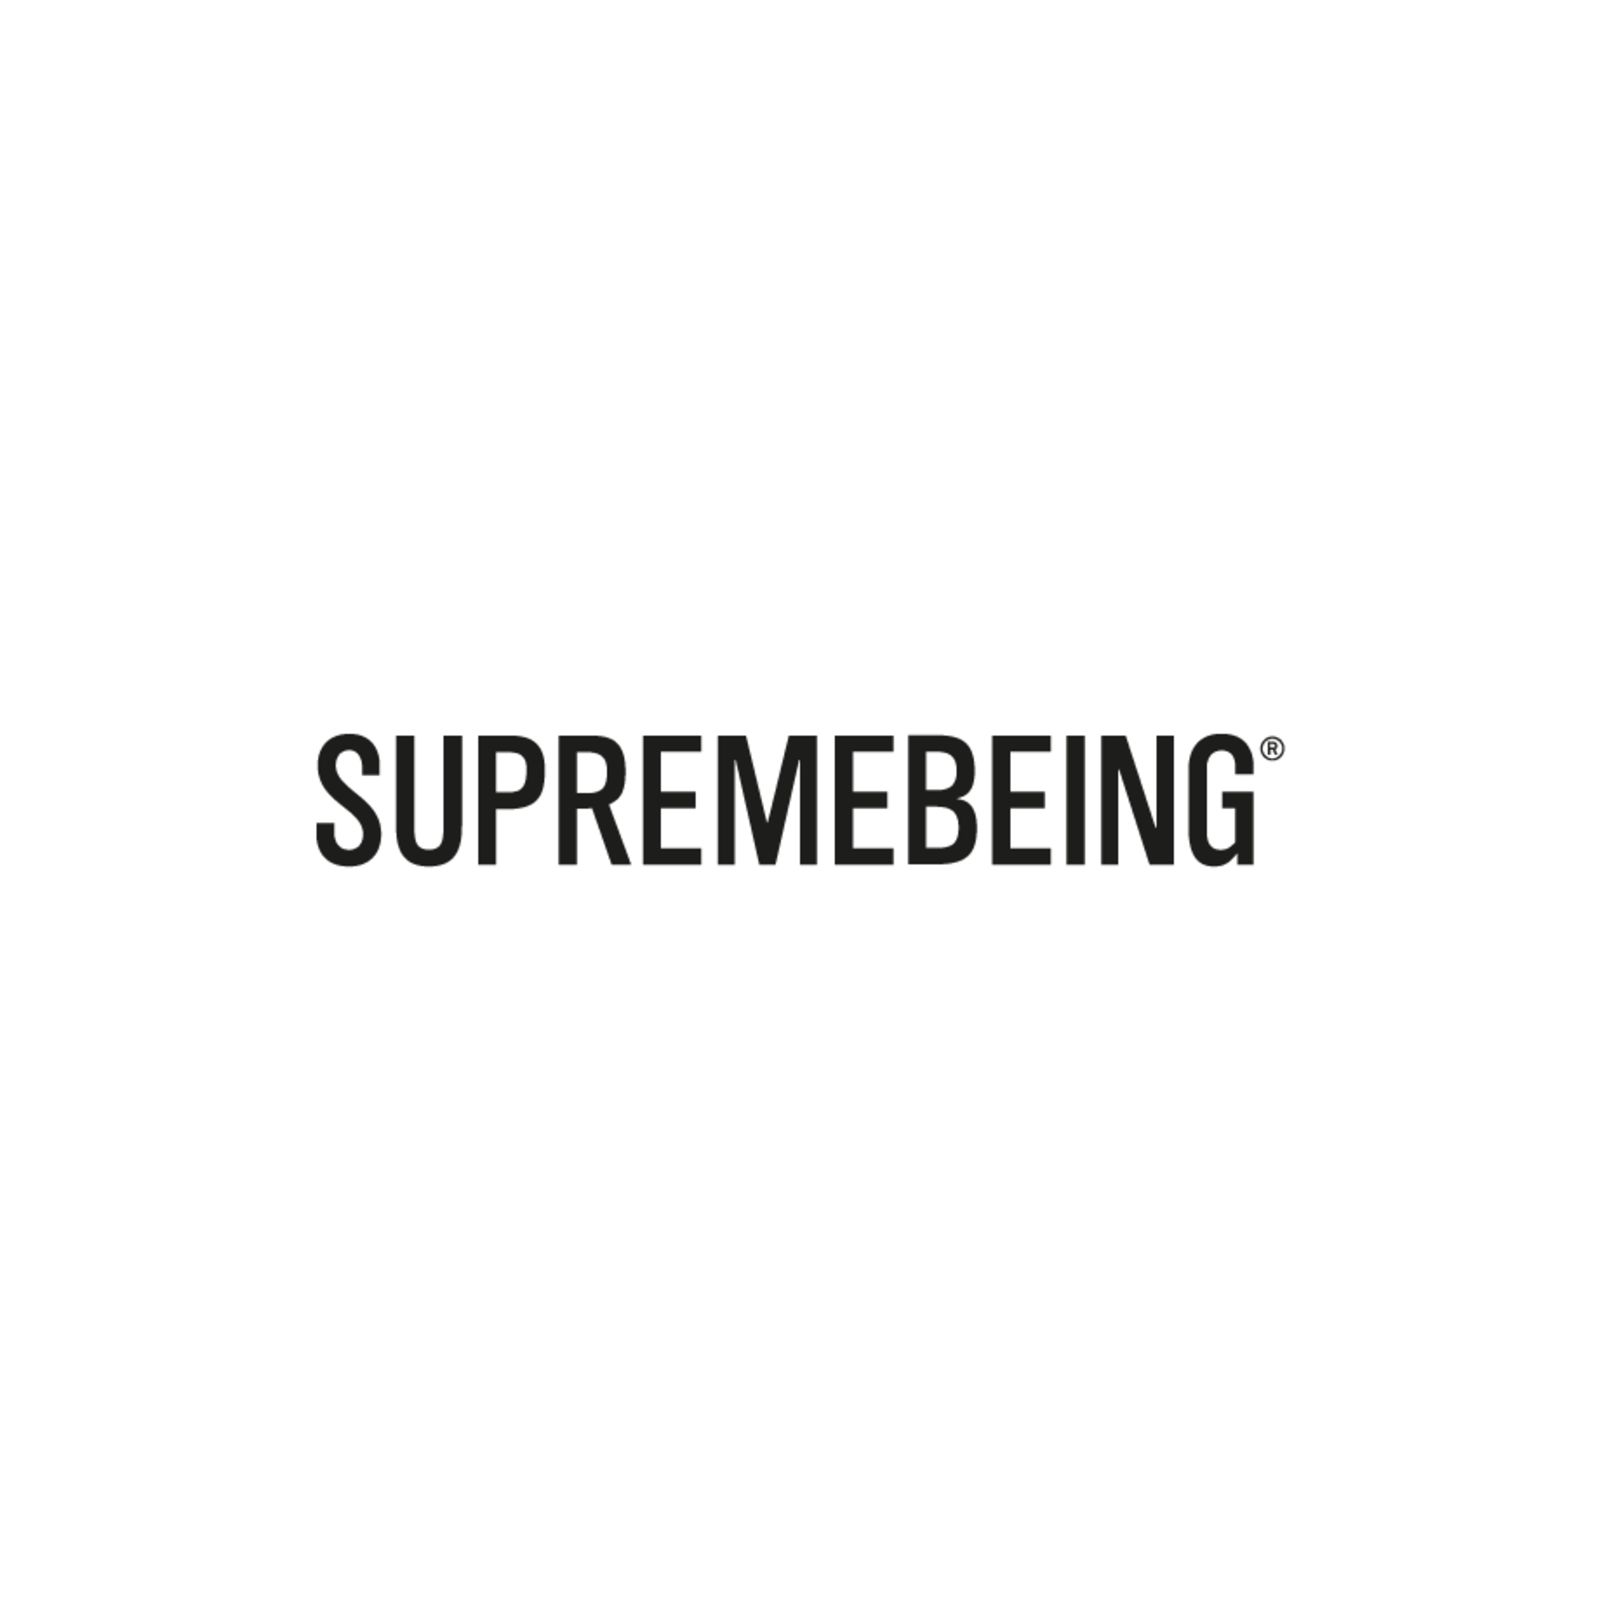 SUPREMEBEING®